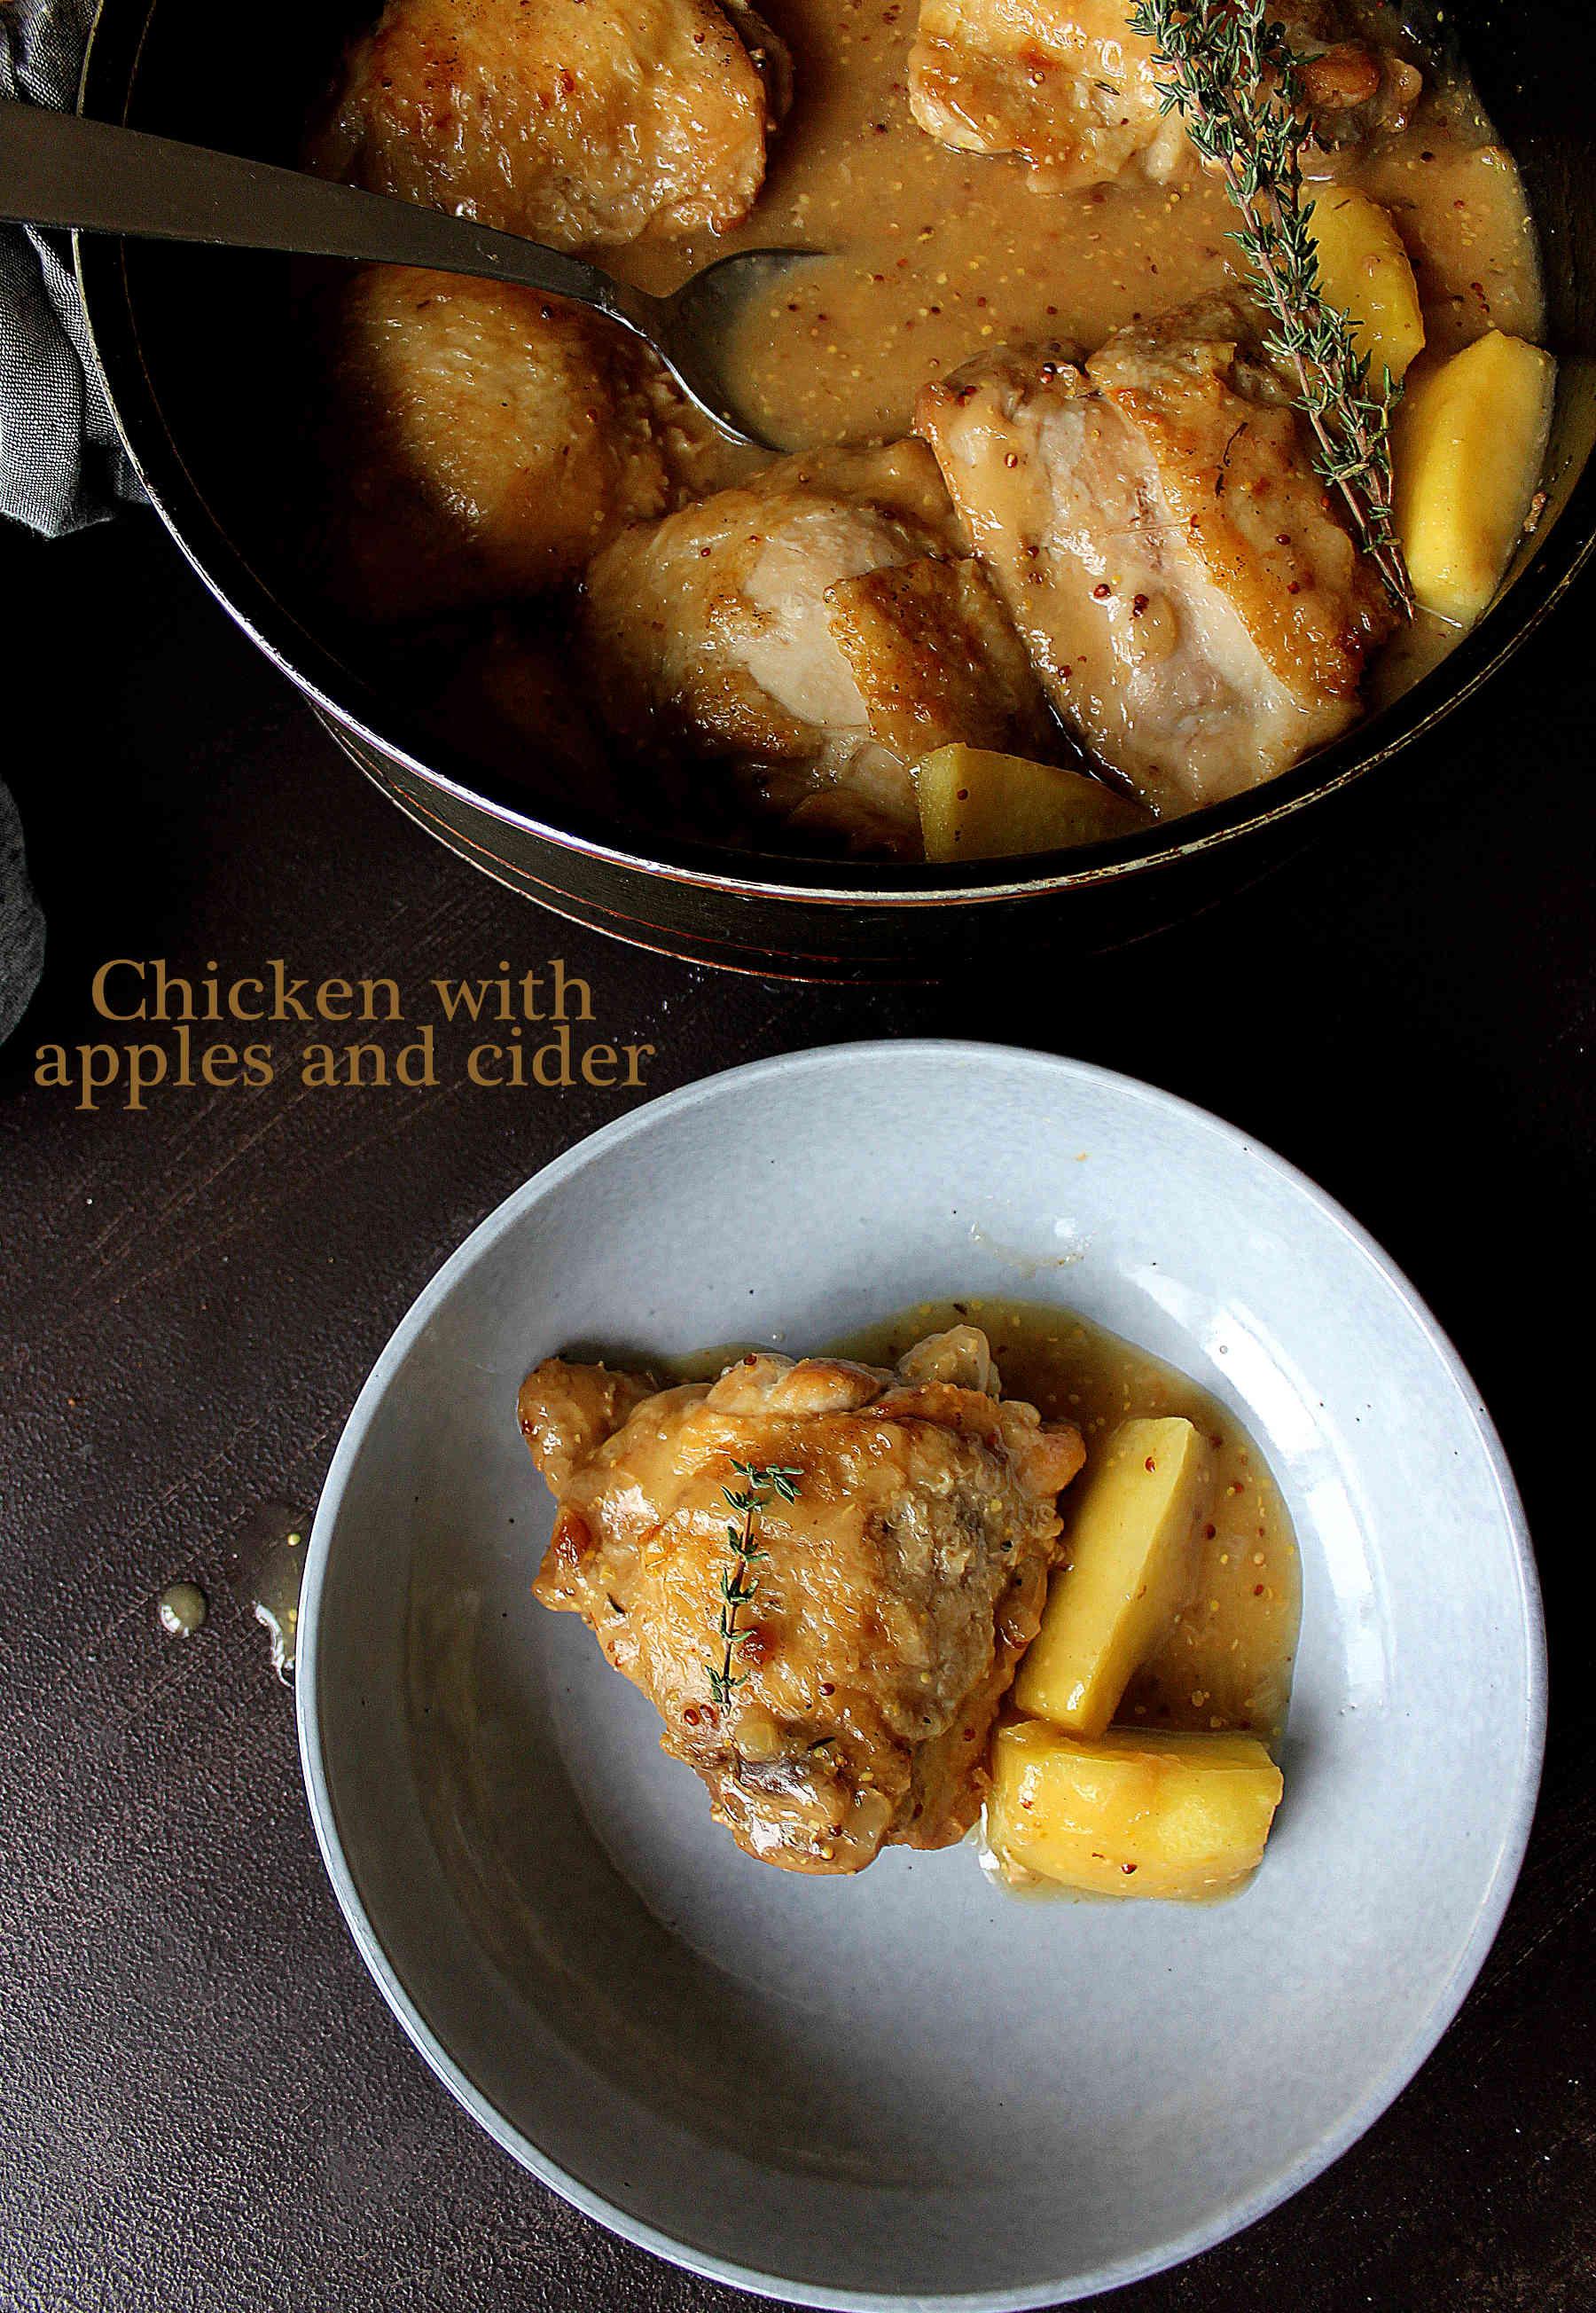 Poulet au cidre et aux pommes